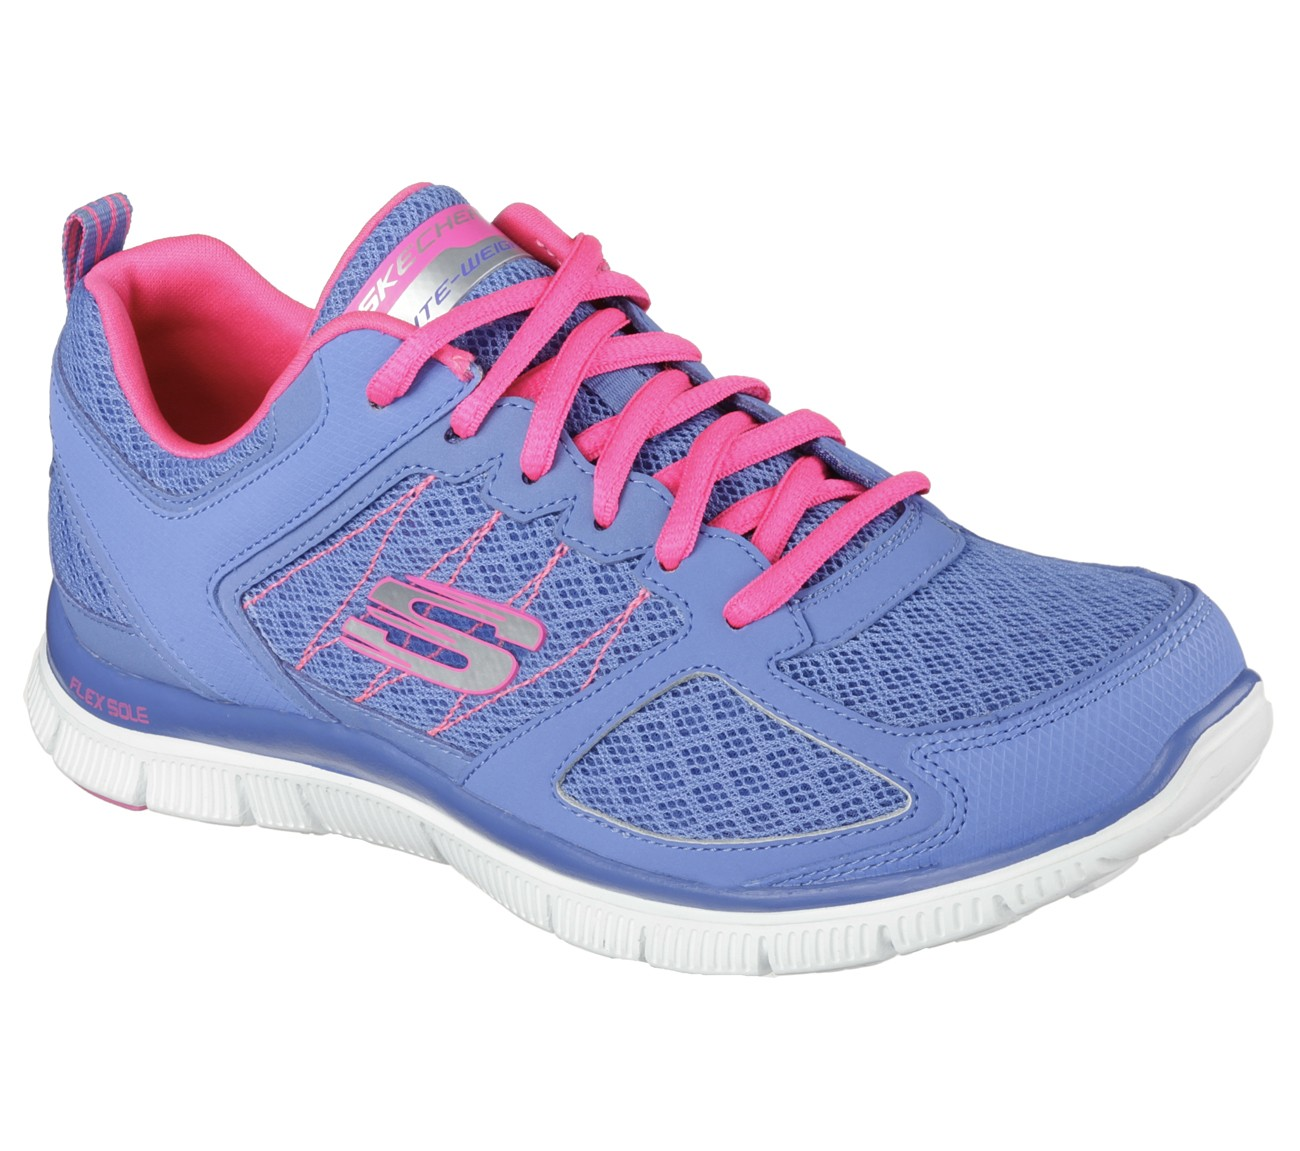 Skechers Bayan Yürüyüş Ayakkabısı Modelleri-Ayakkabı Modelleri (5)